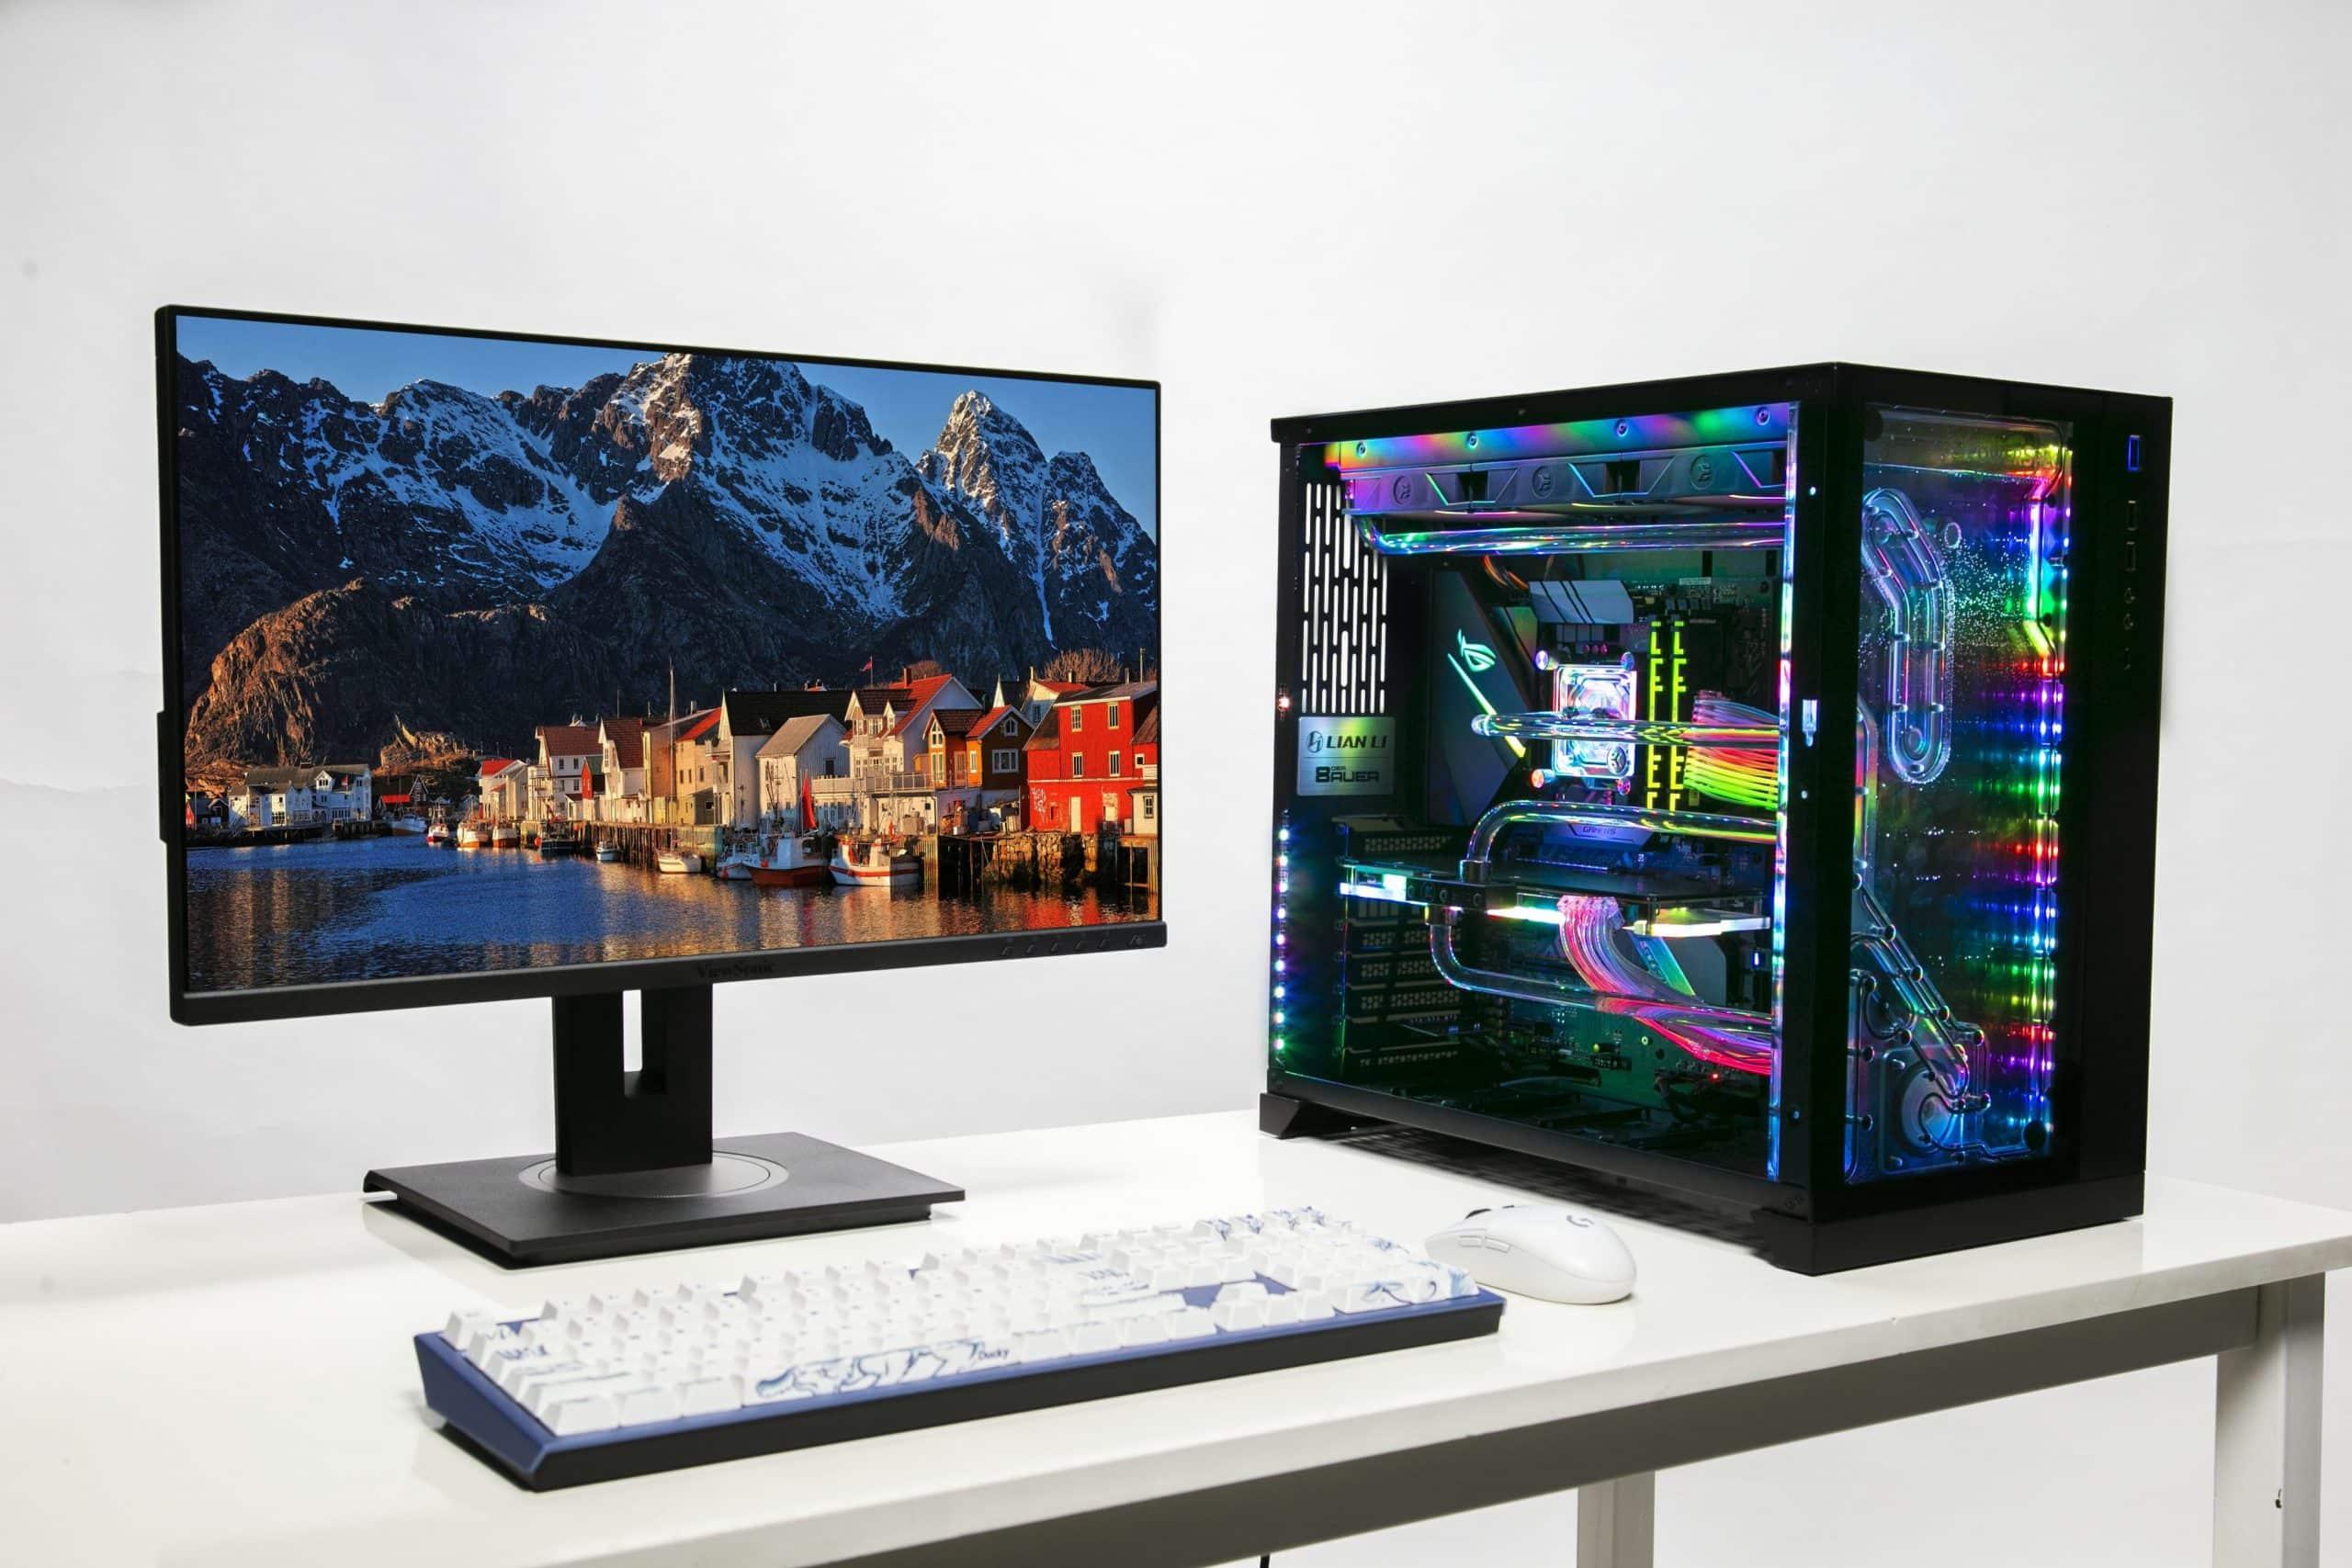 คอมพิวเตอร์รุ่นไหนดี